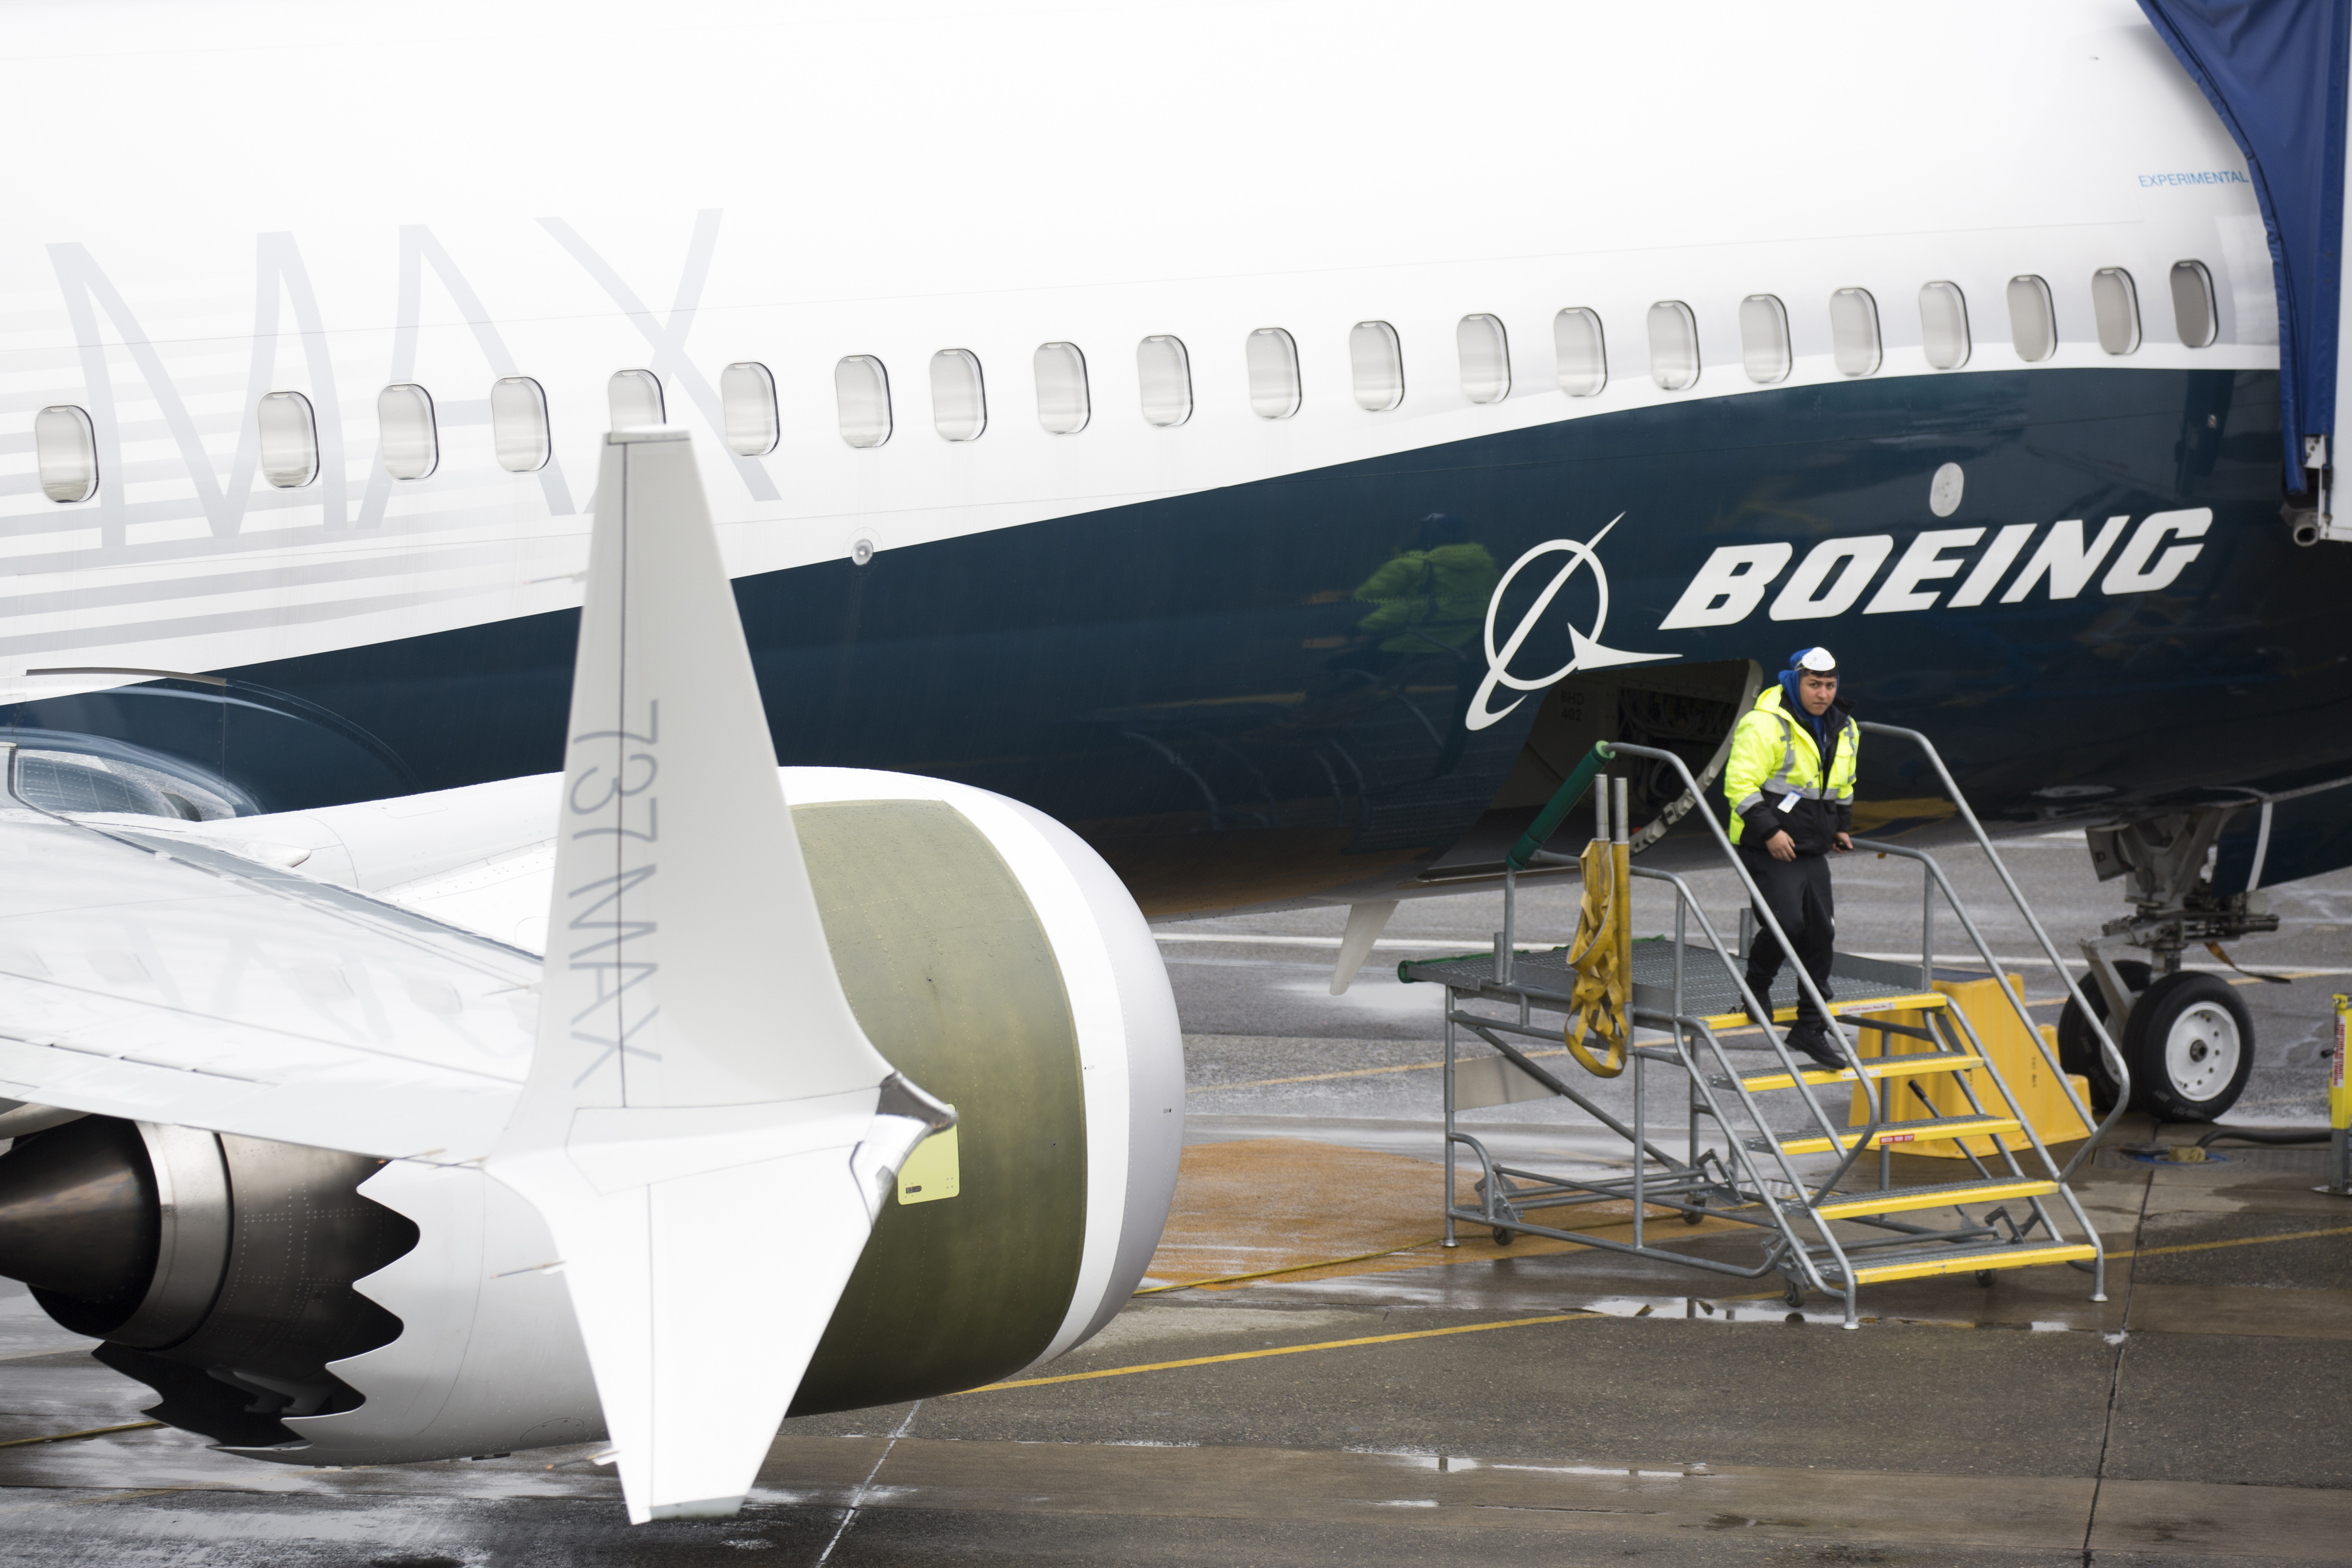 Csaknem két év után újra utasokat szállított egy Boeing 737 Max